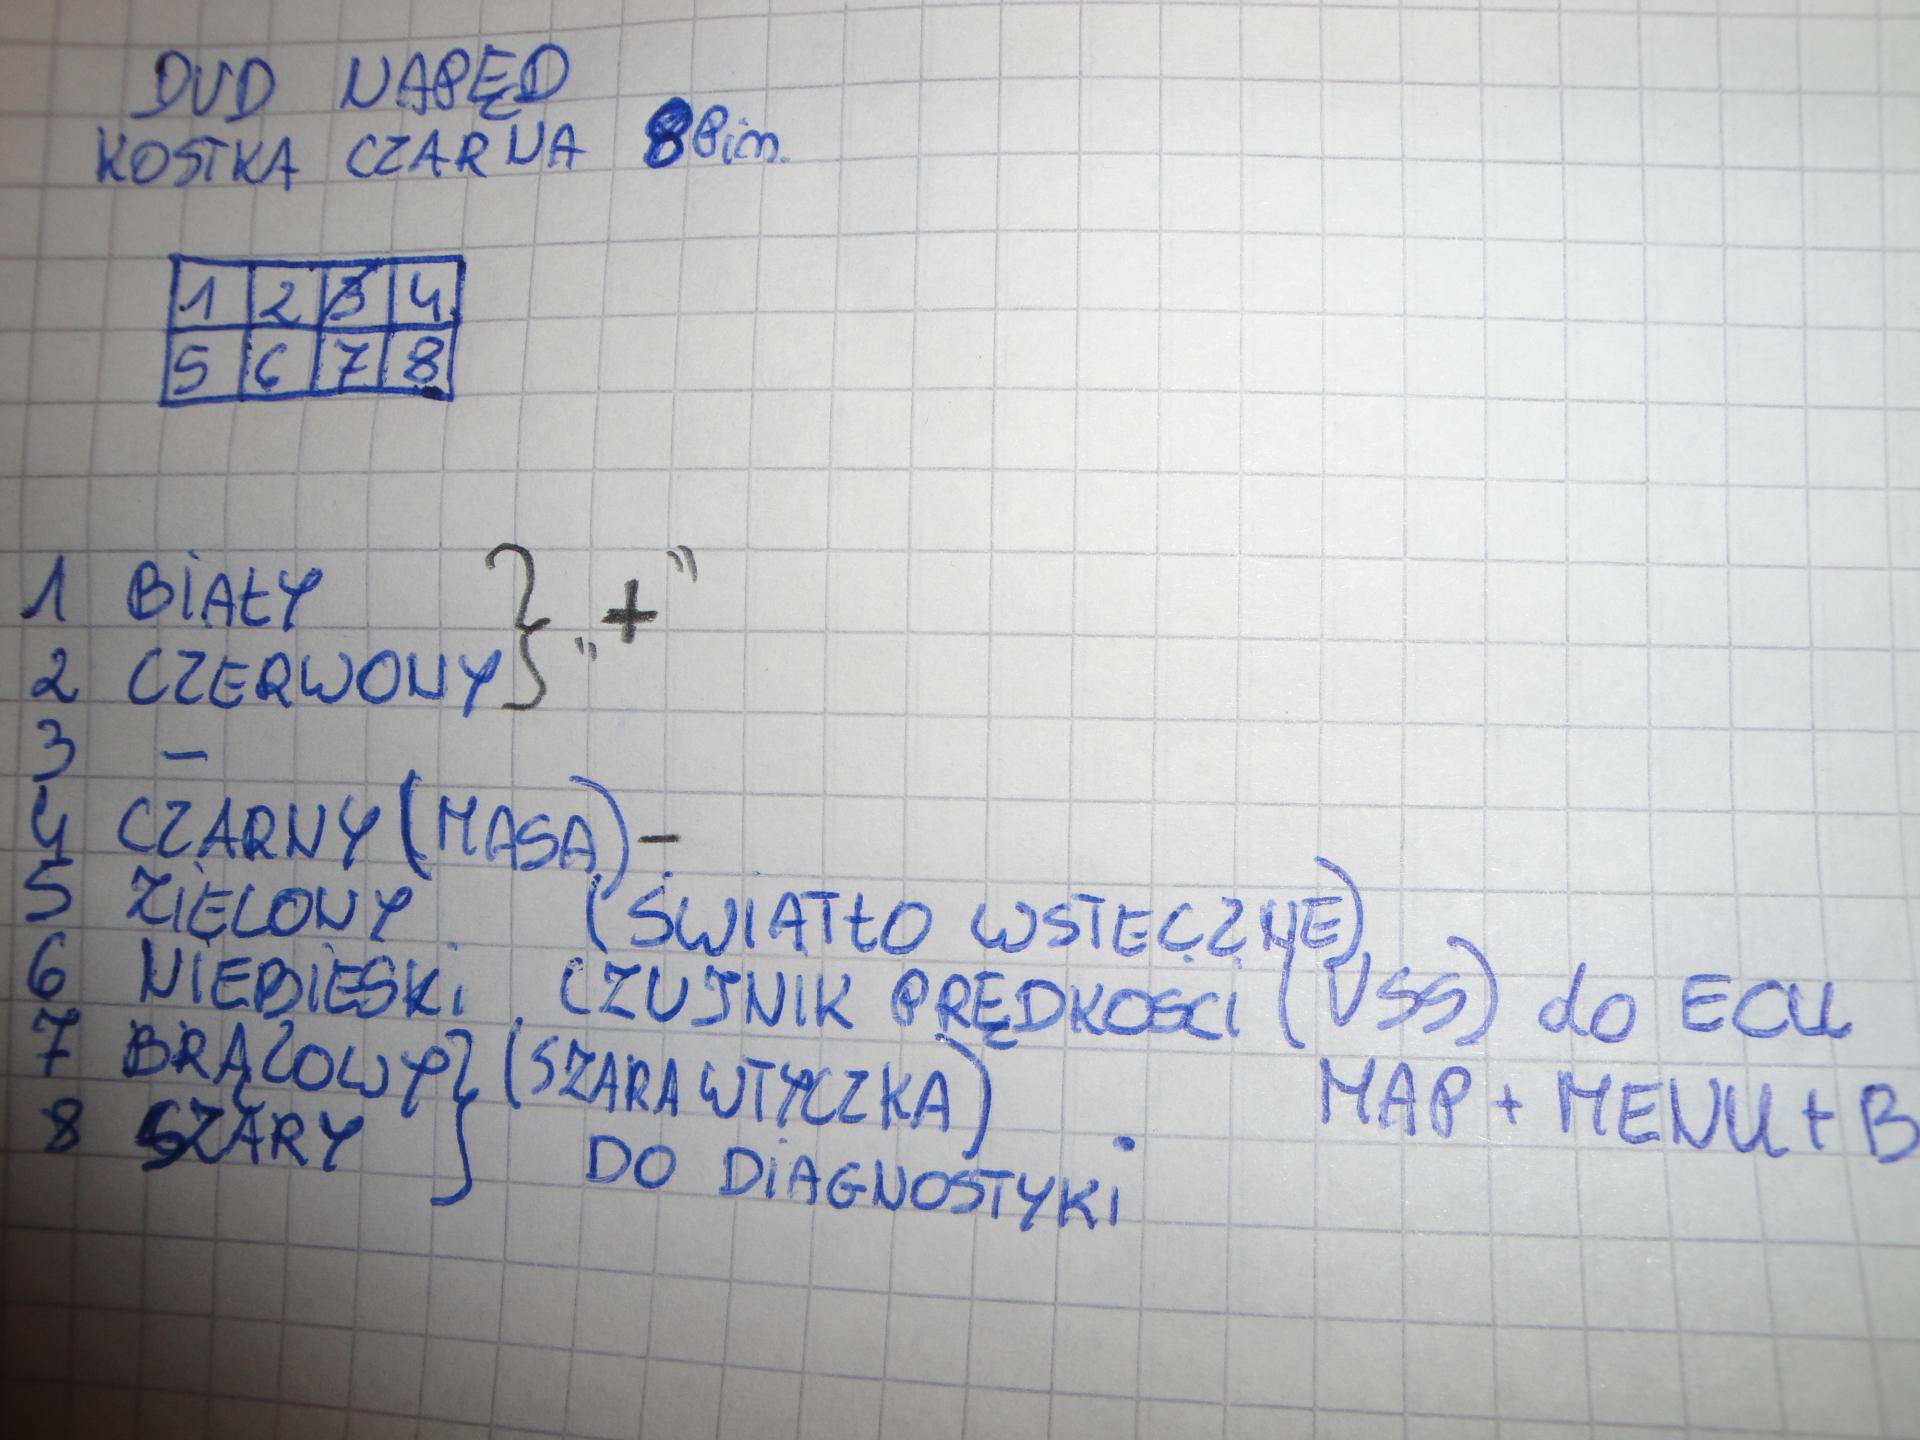 360fc14ab1c52c32.jpg